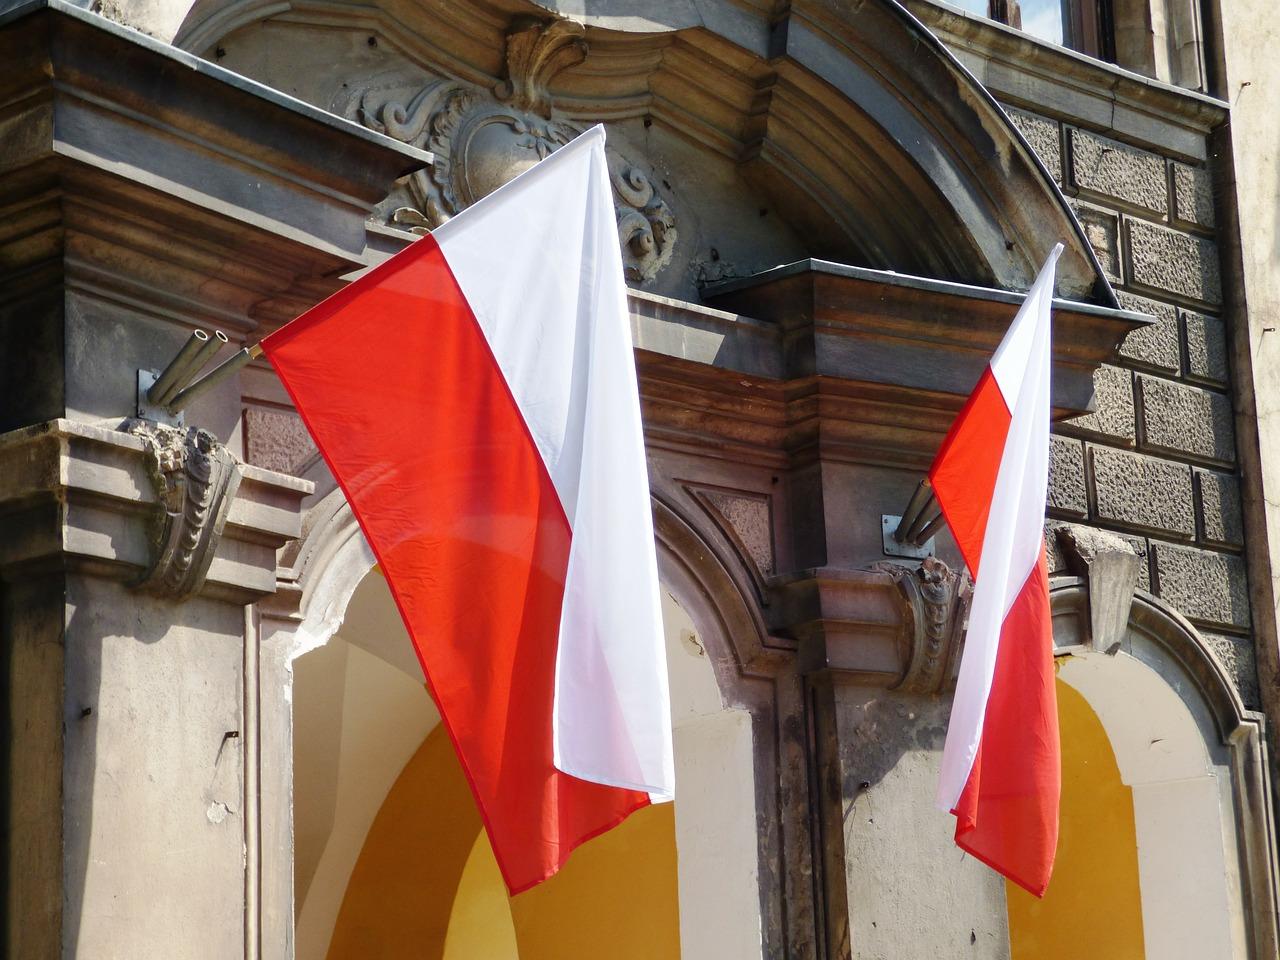 Sejmwahlen in Polen: So wählten unsere Nachbarn